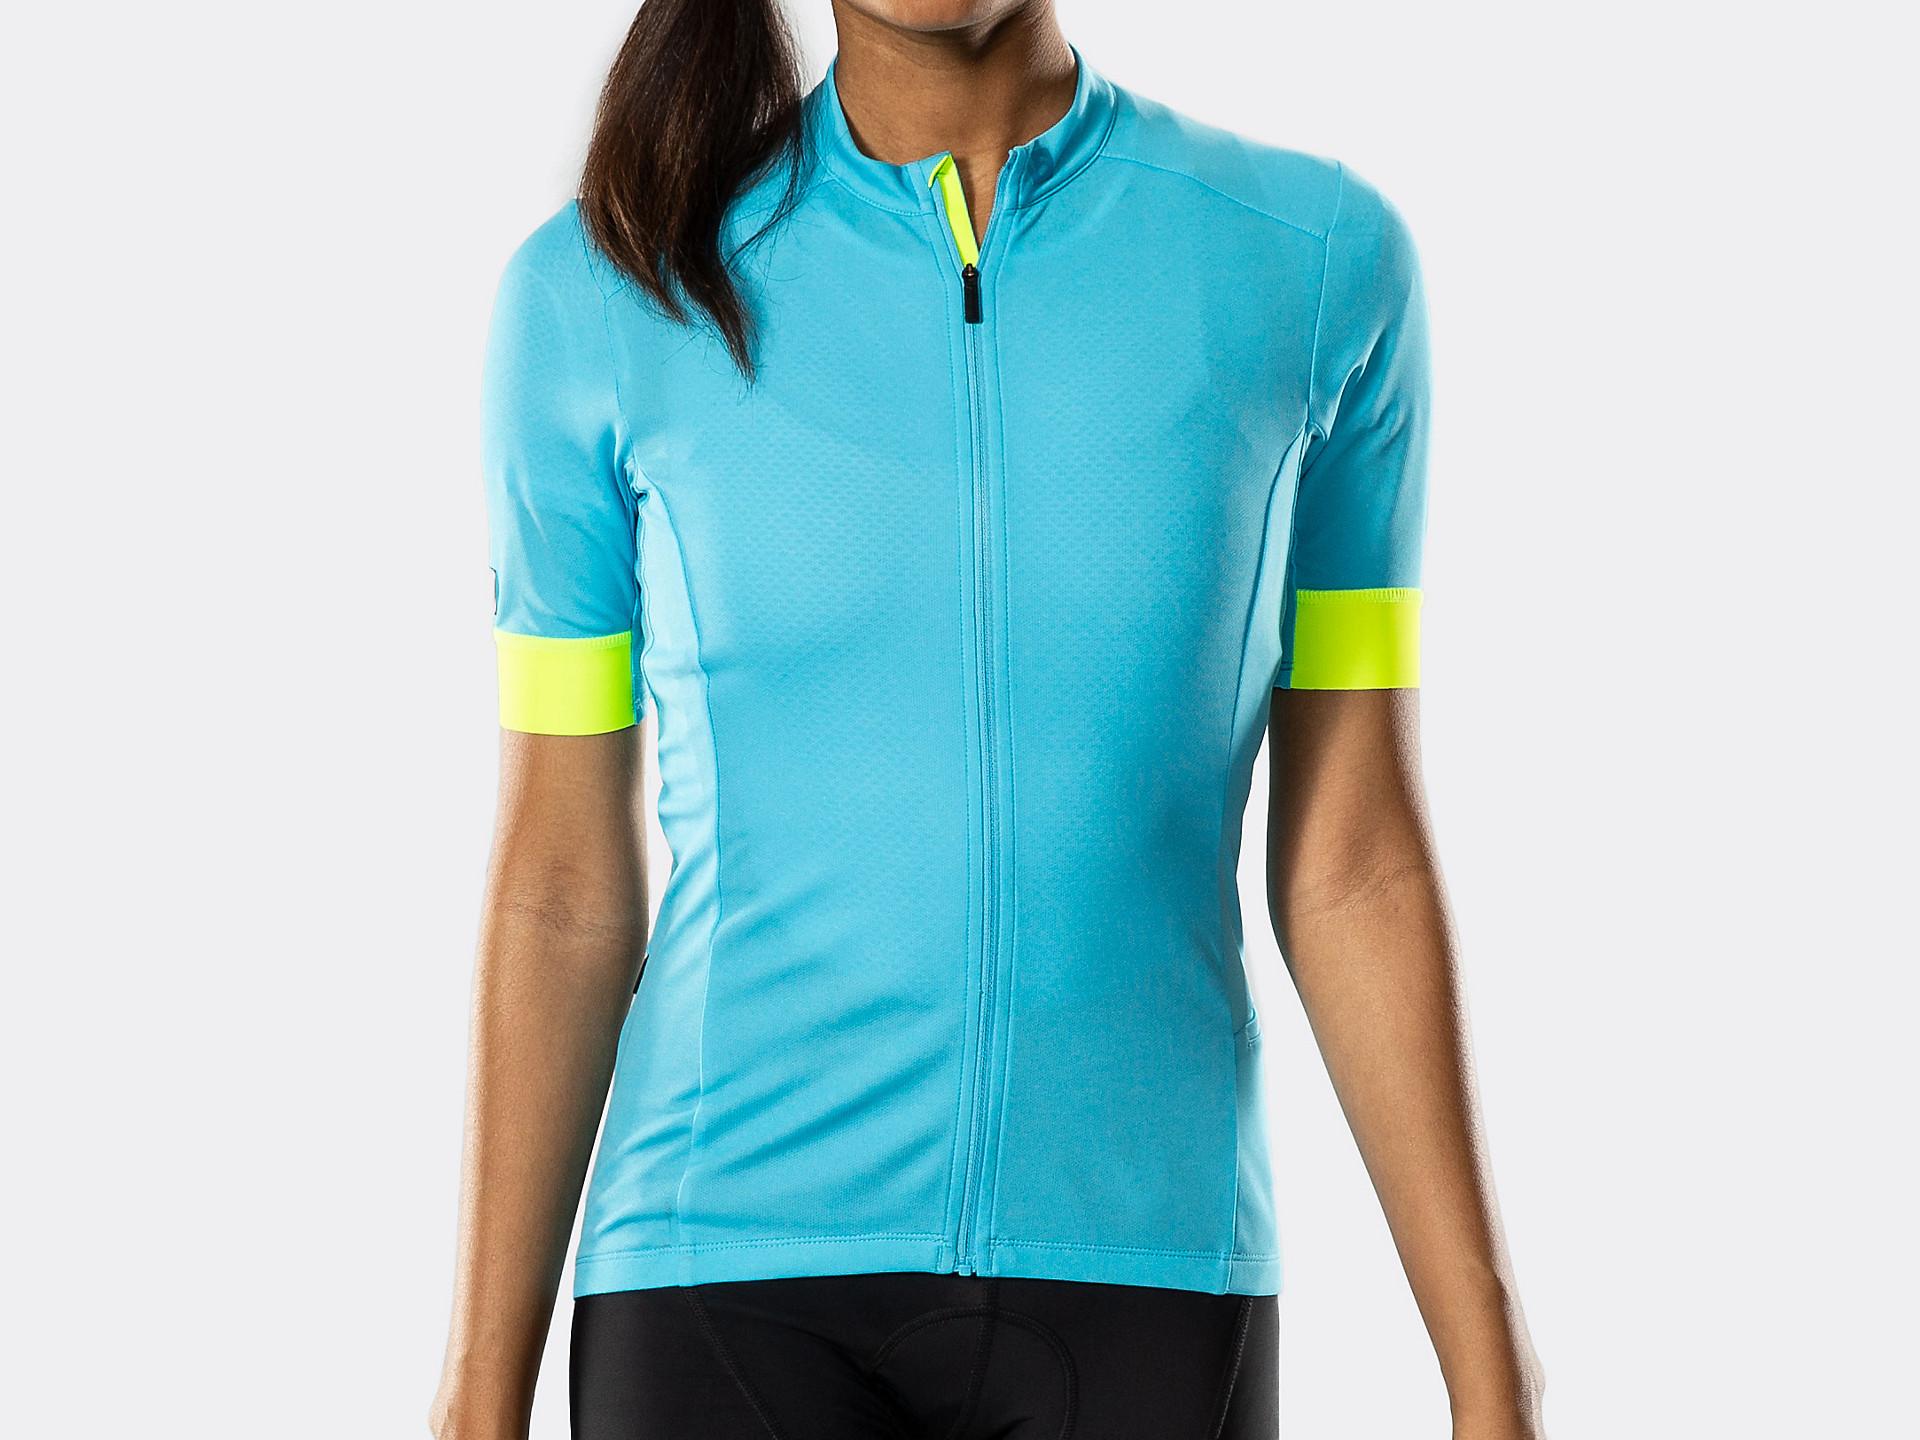 Bontrager Meraj Endurance Women s Cycling Jersey 8eddc49be